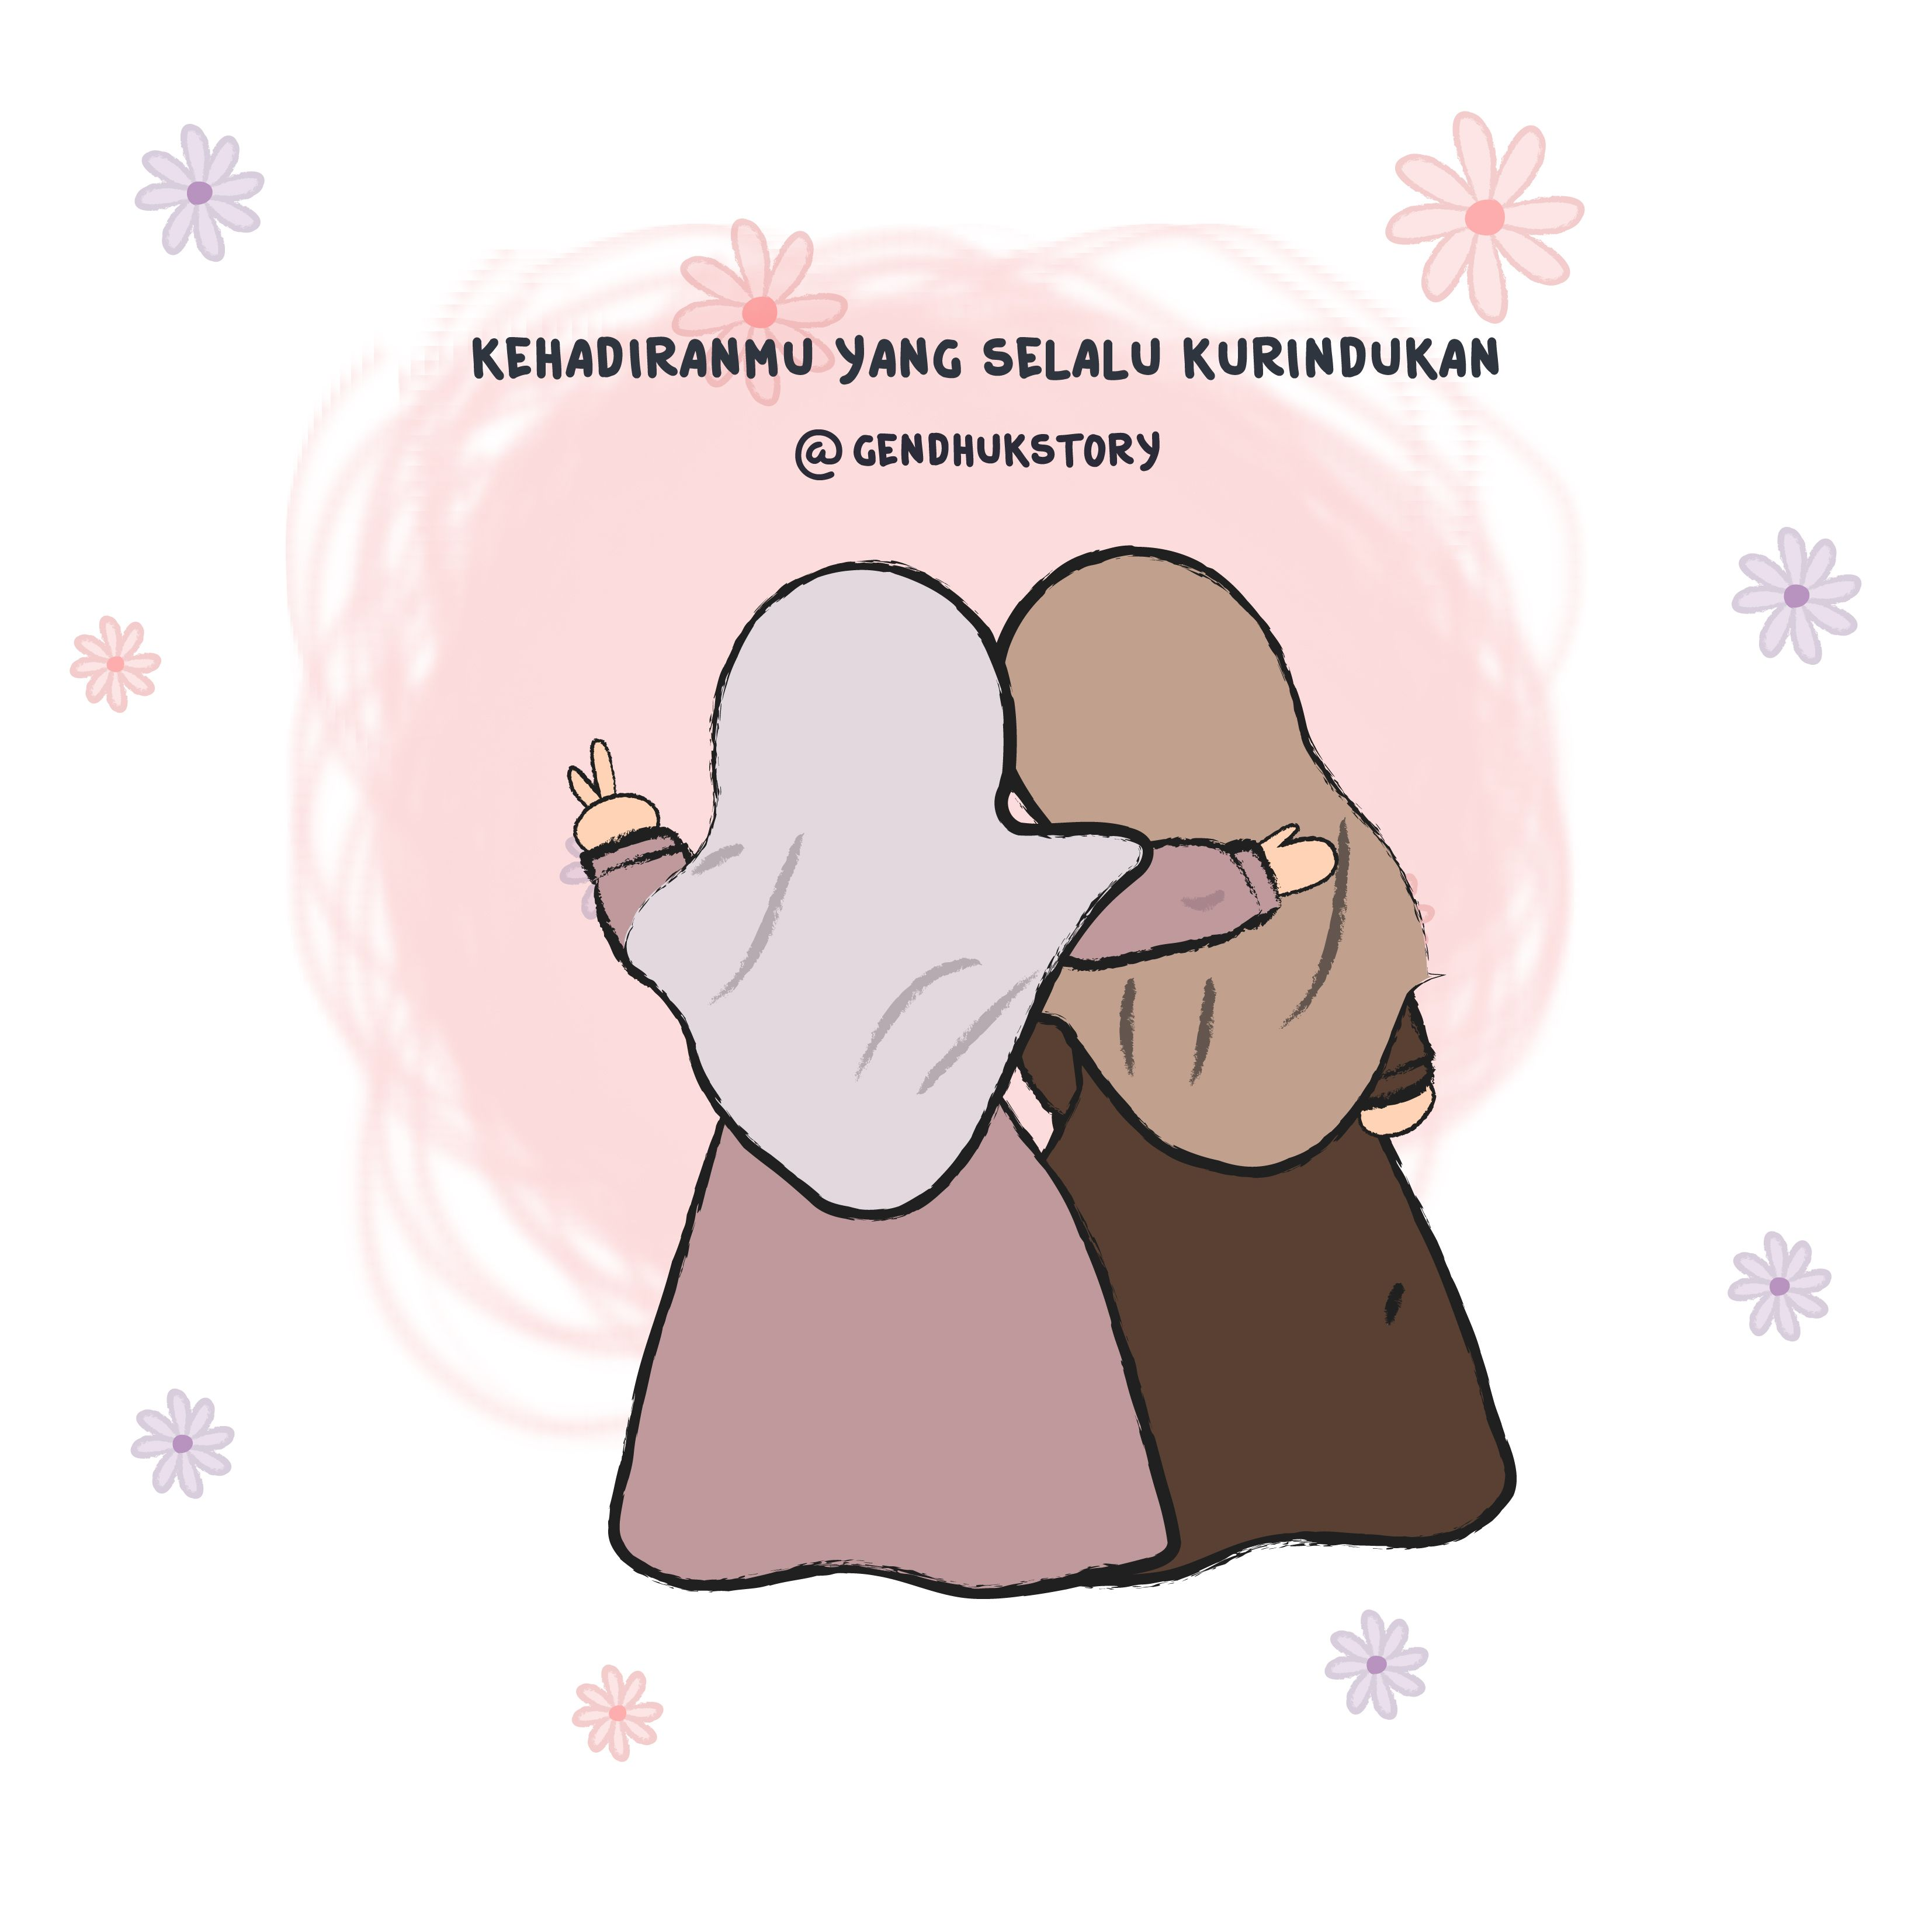 Pin Oleh Mimi Adila Di Cutetoon Hijabgirls Kartun Ilustrasi Gambar Lucu